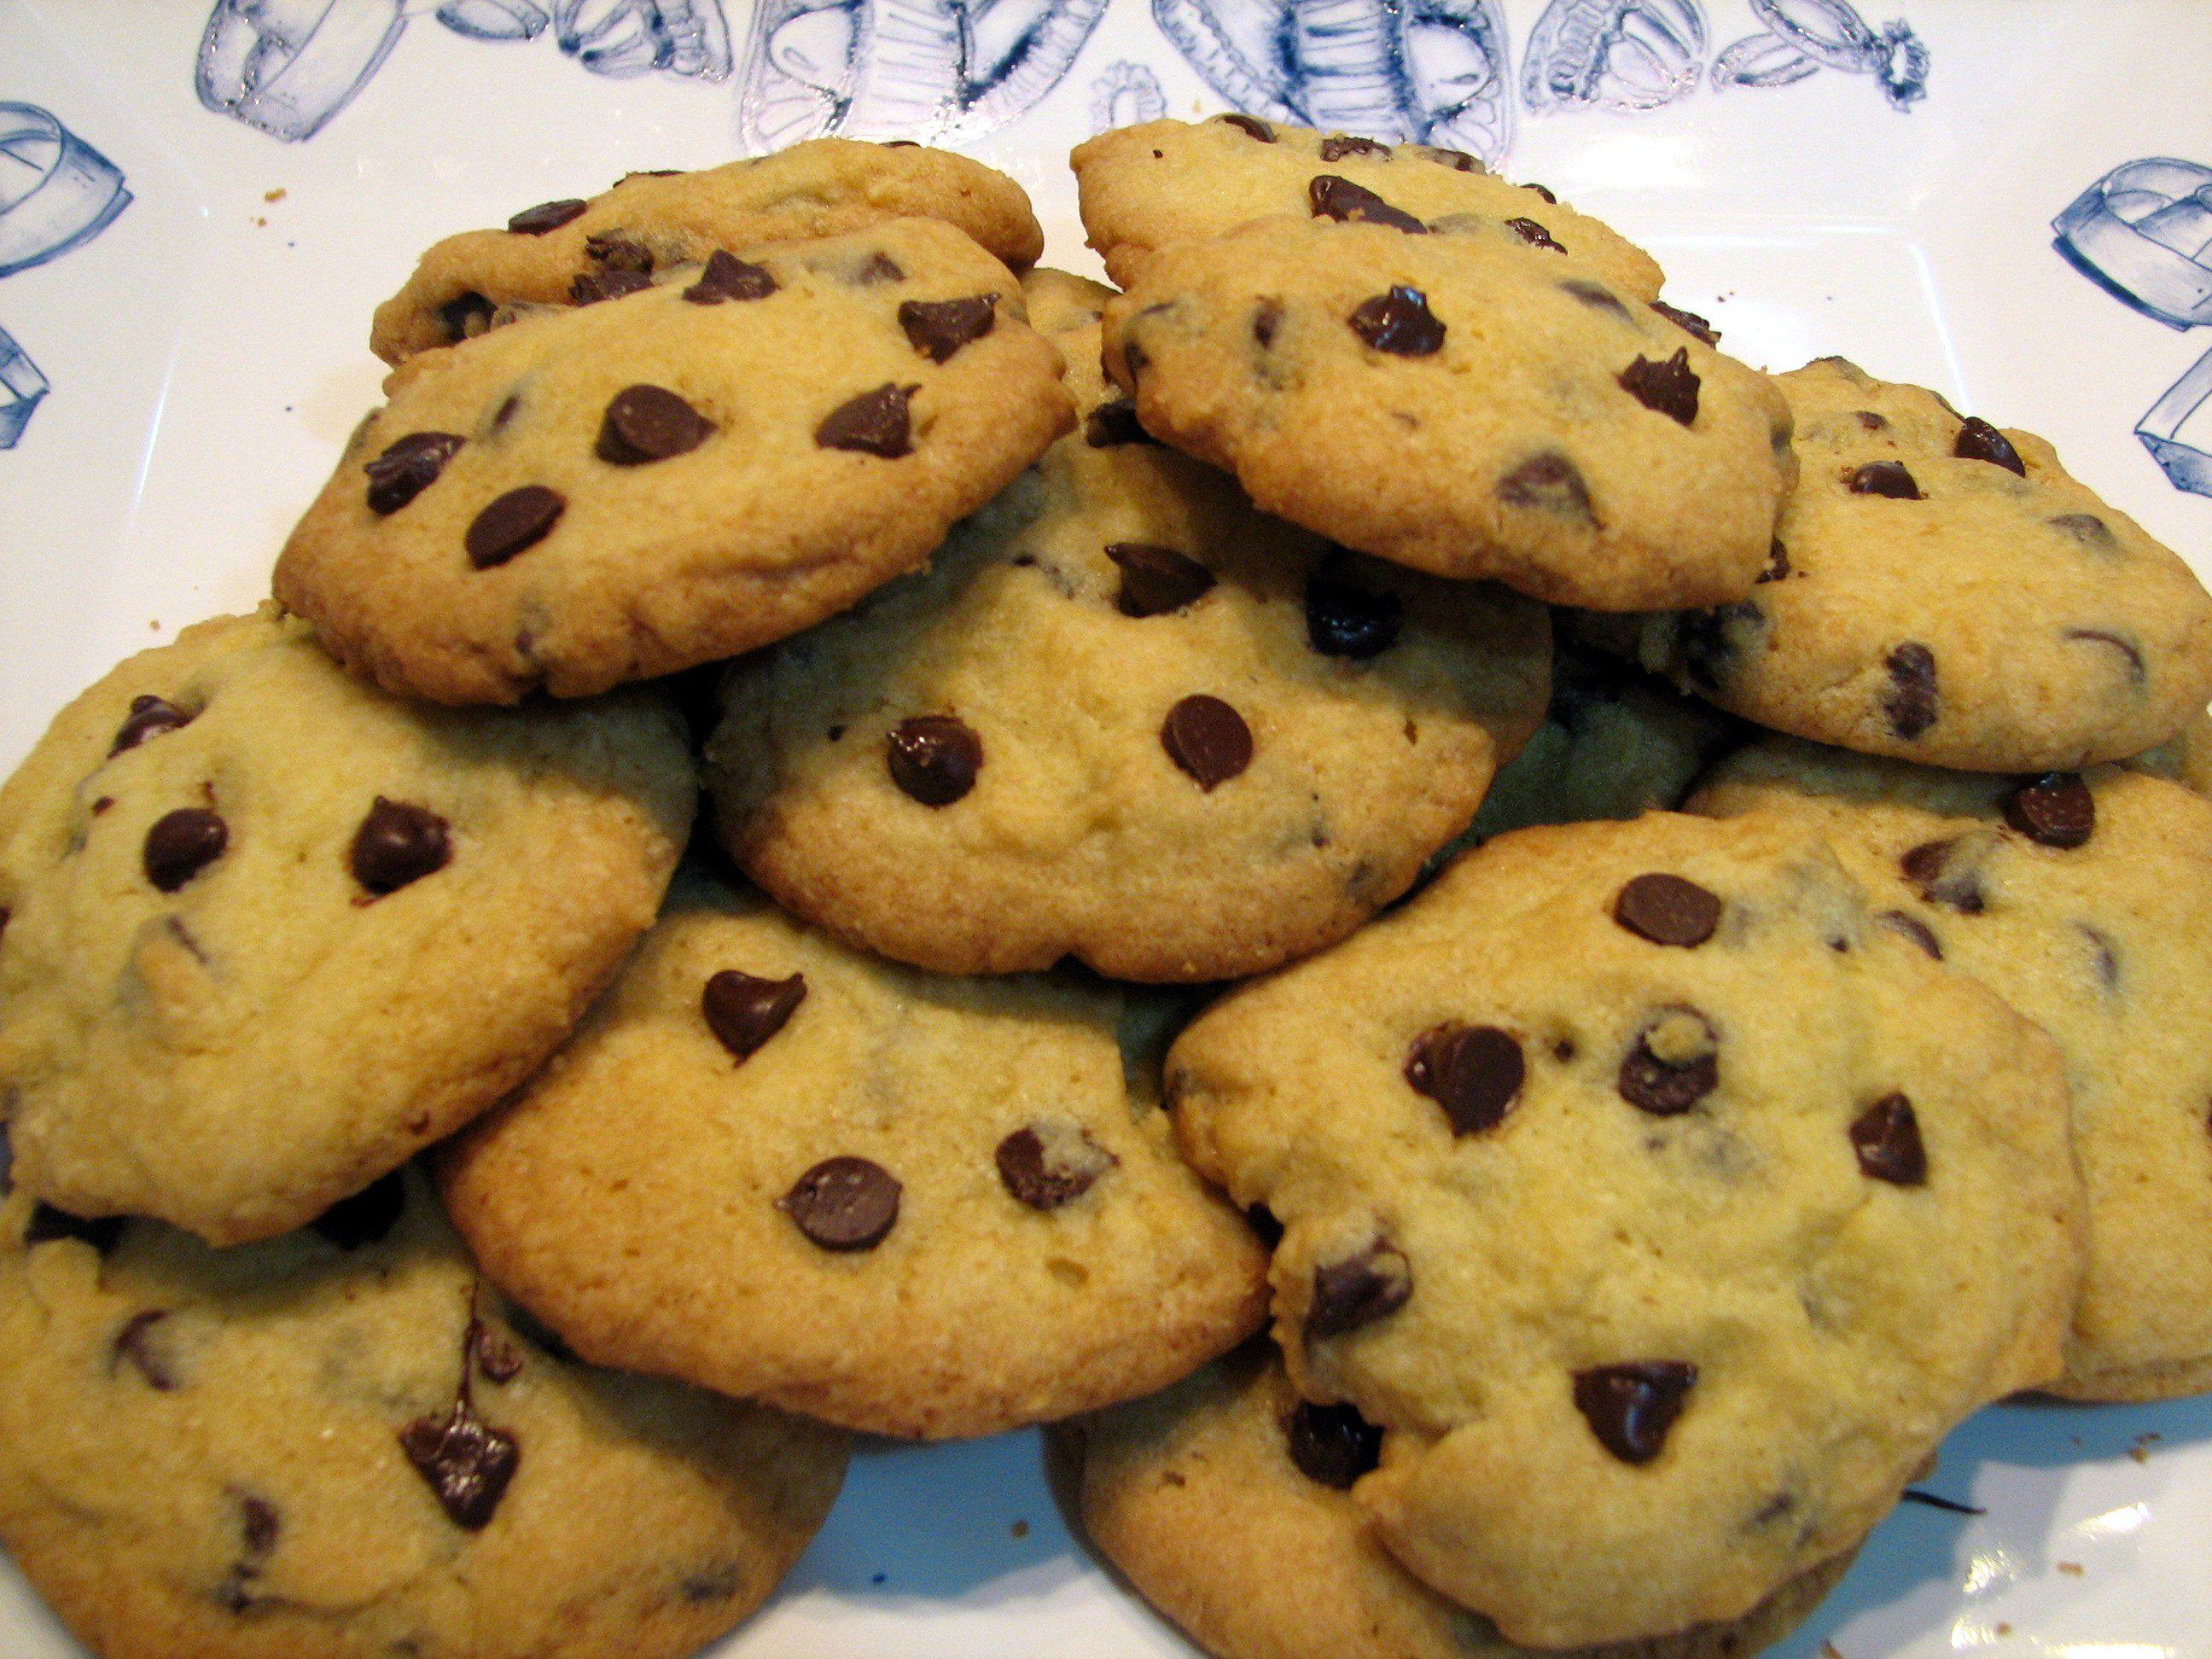 El veneno estaba en unas galletitas